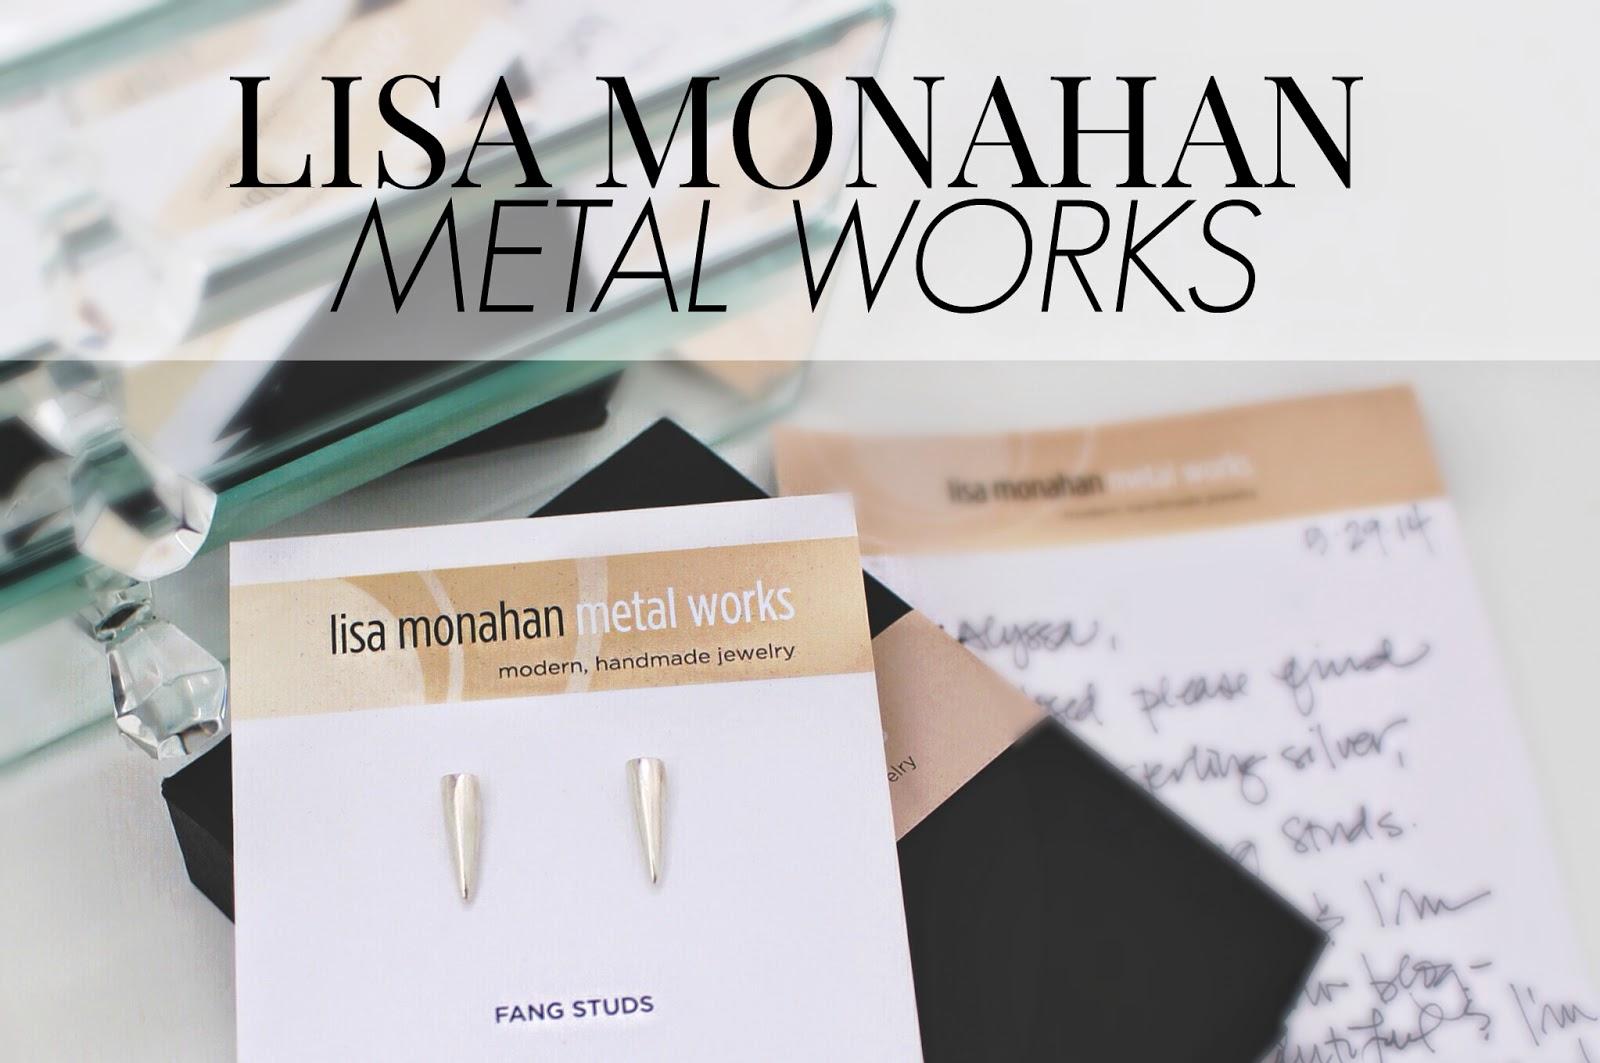 http://www.mepoopsie.com/2014/06/lisa-monahan-metal-works.html